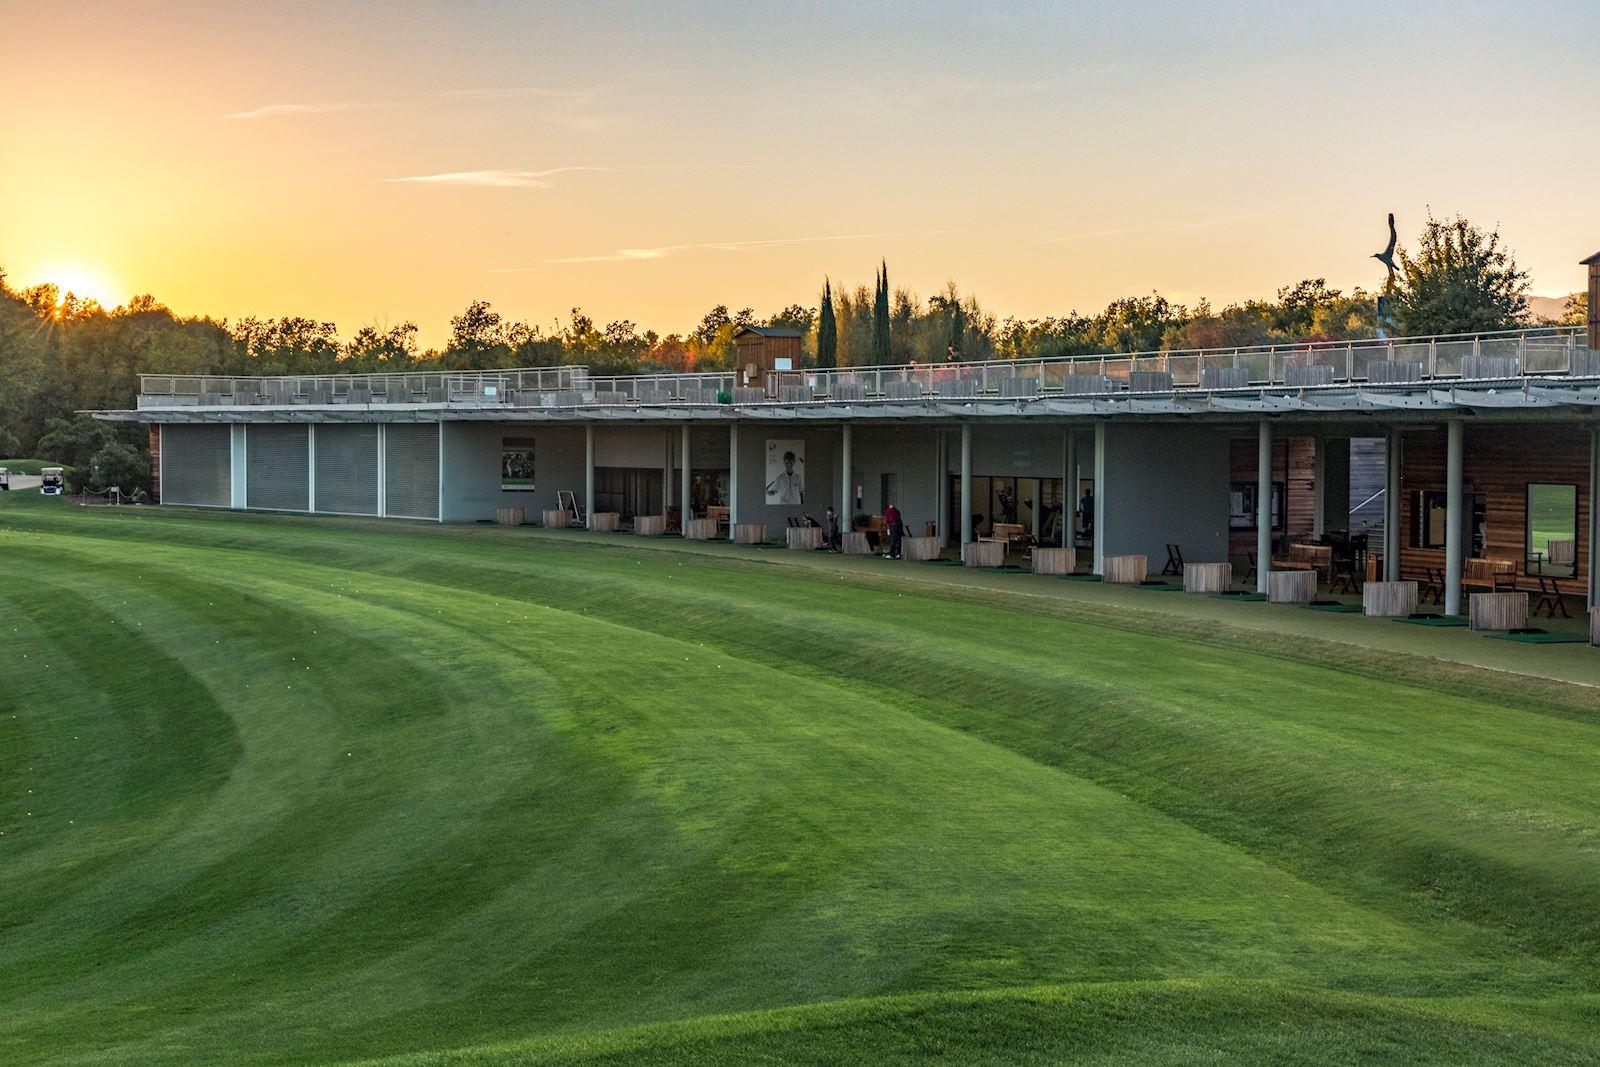 Висококласні об'єкти і еко-об'єкти отримали сертифікат GEO® (Організація із захисту навколишнього середовища гольфу), а сам готель визнаний кращим гольф-курортом в континентальній Європі відомим журналом Golf World UK в 2019 році.